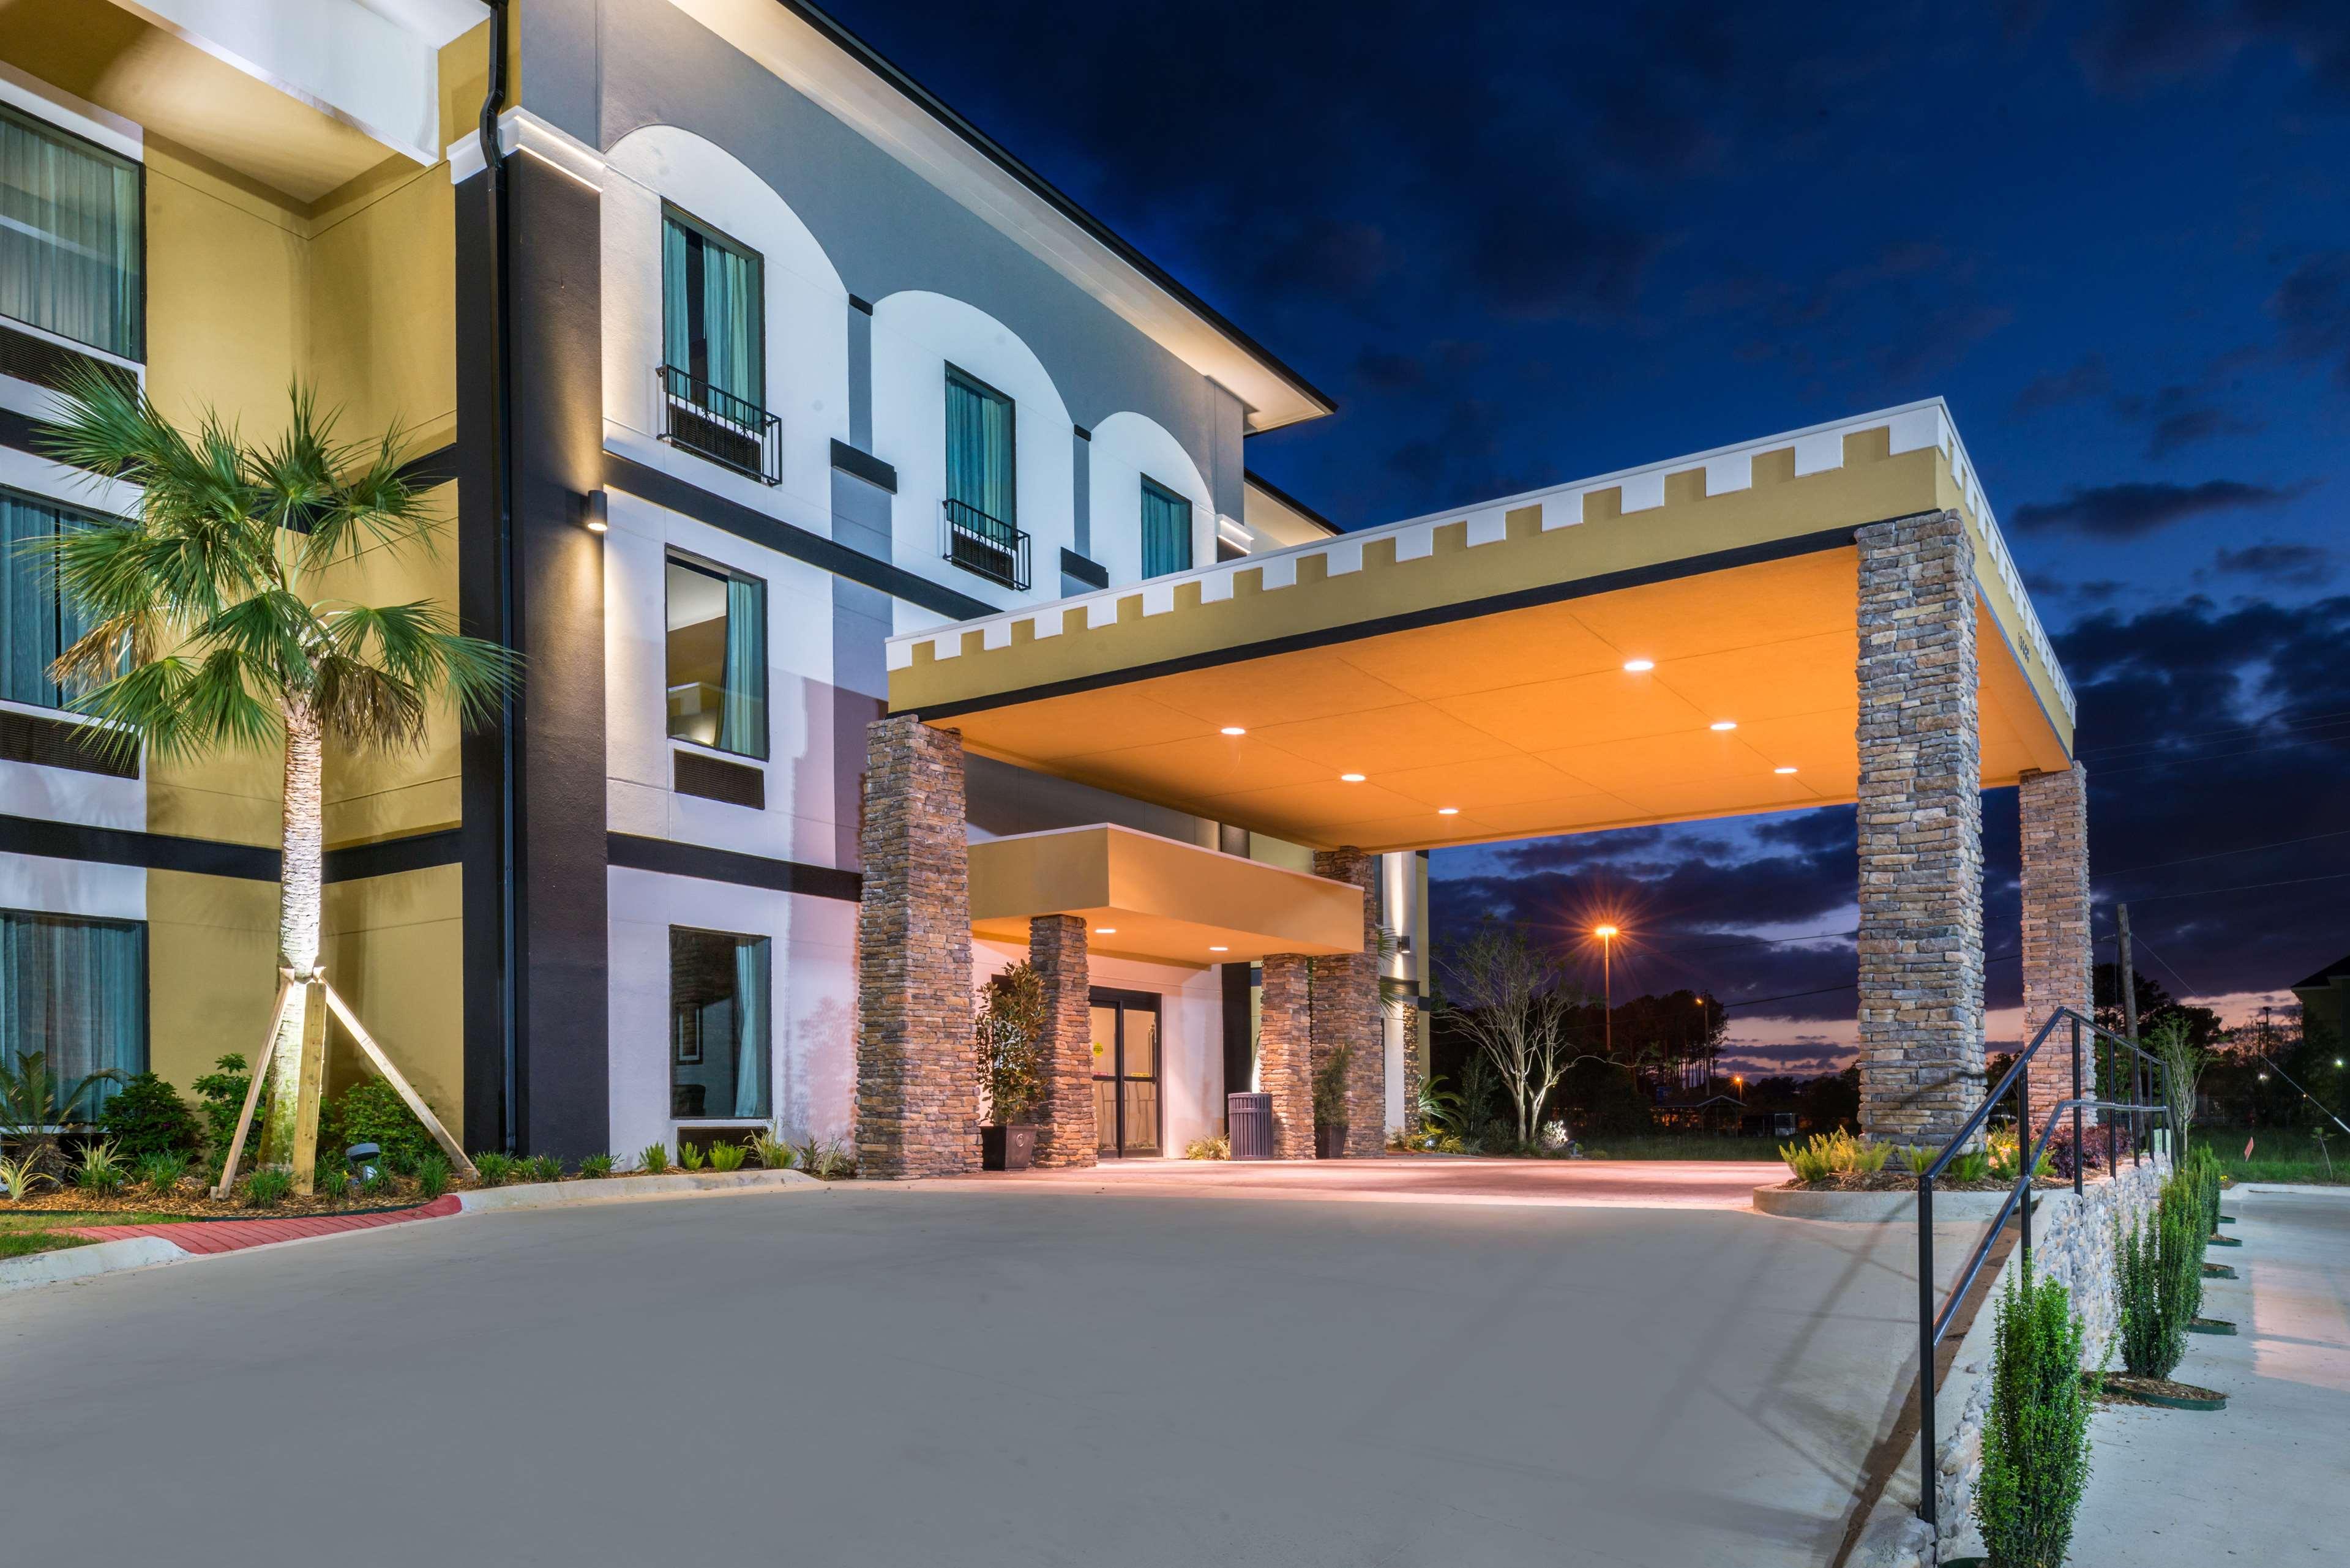 Best Western Plus Regency Park Hotel image 7